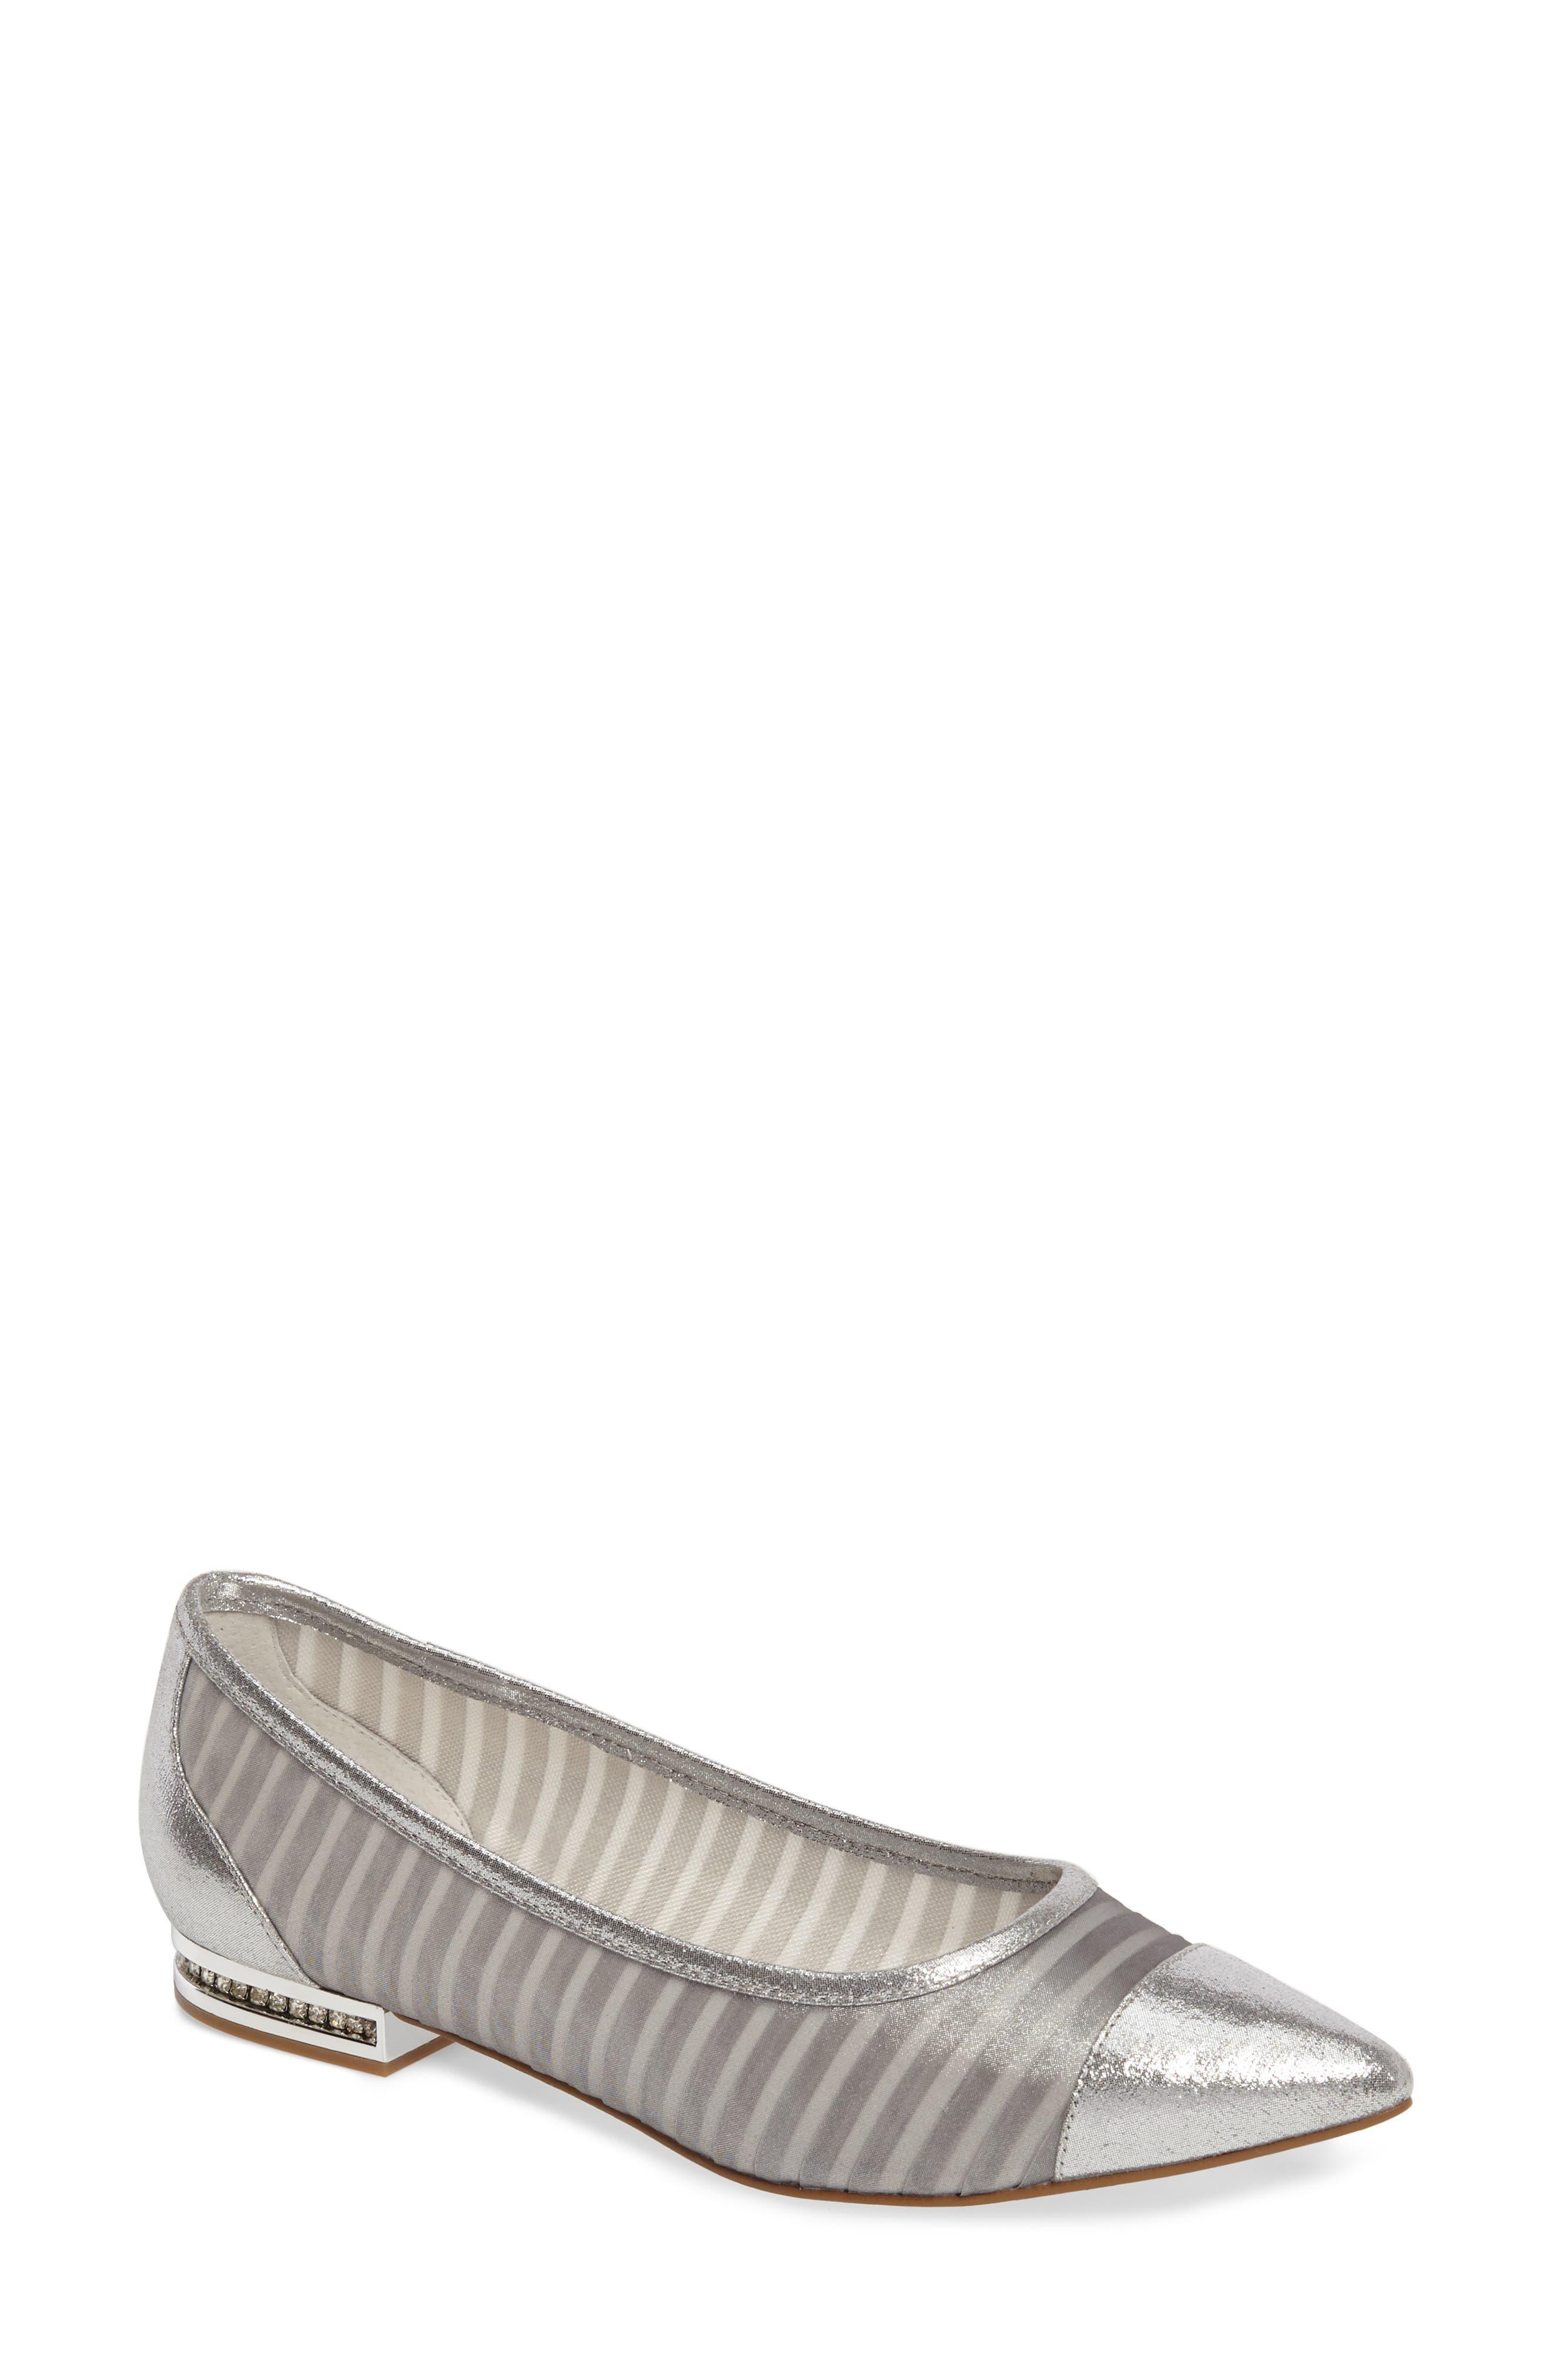 Adrianna Papell Tiffany Pointy Toe Flat (Women)